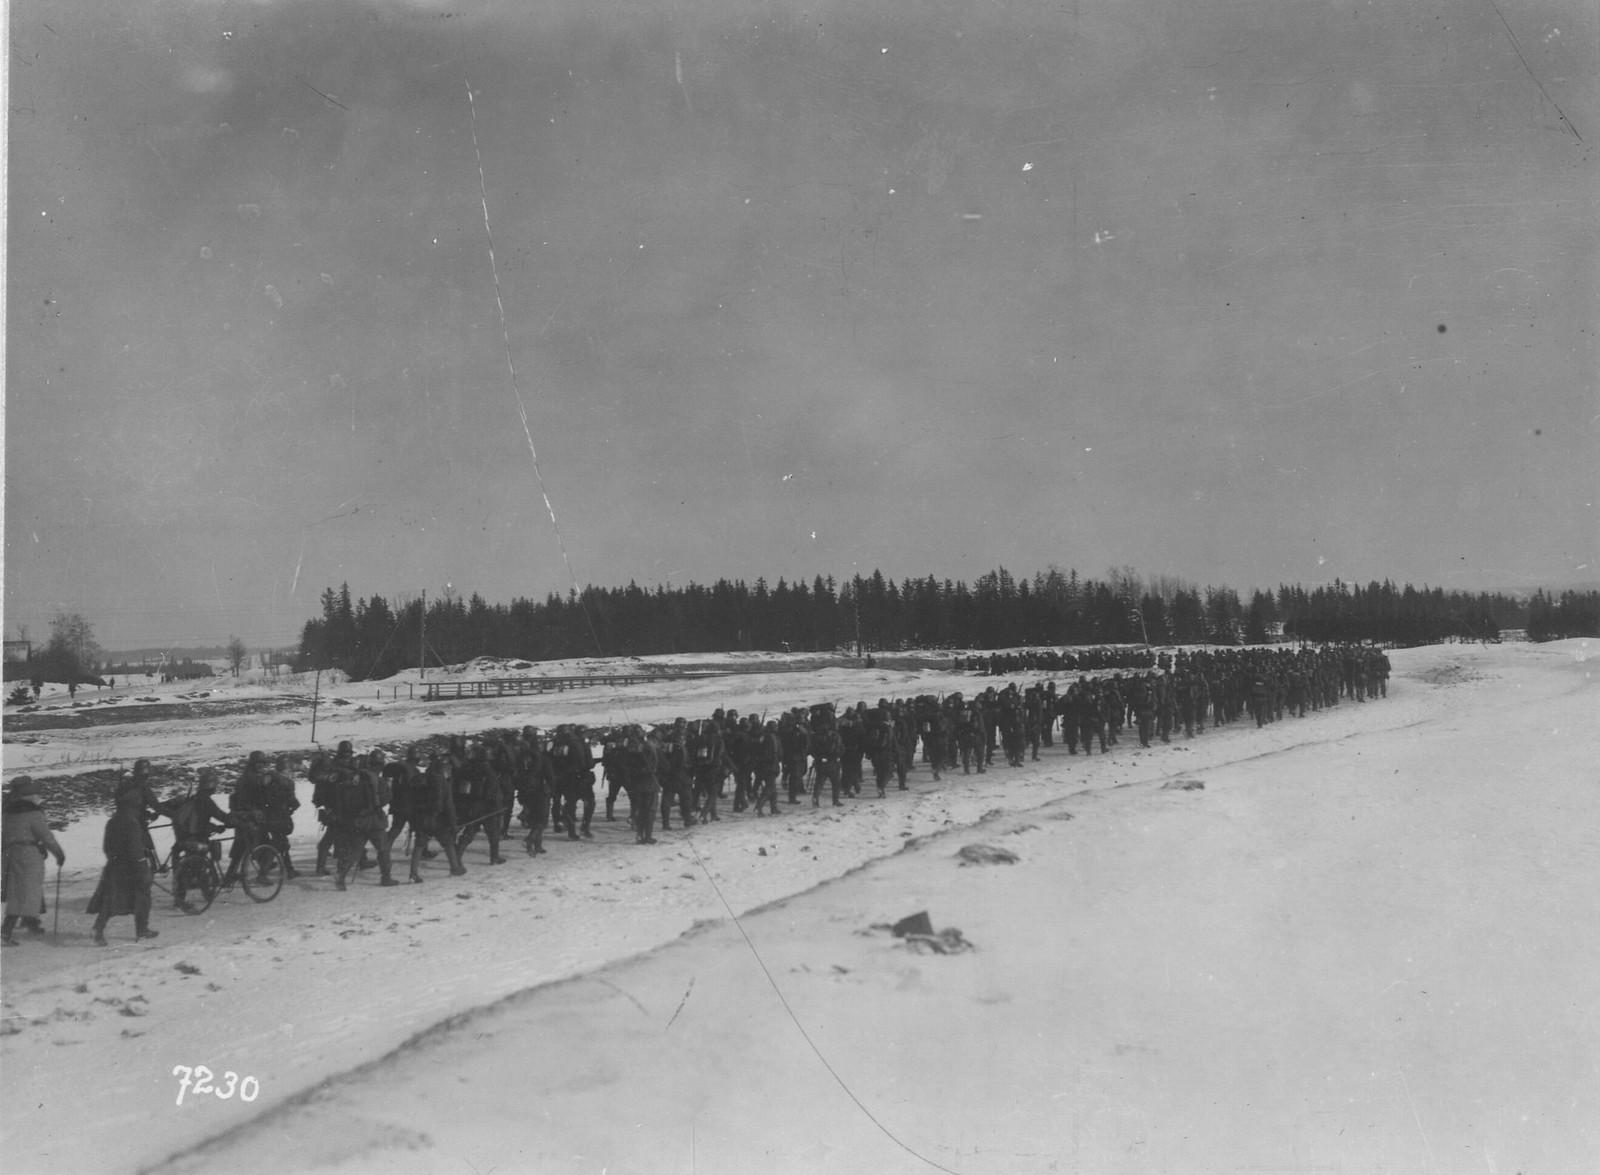 03. Немецкие войска на марше в Дорпат (Юрьев). 28 февраля